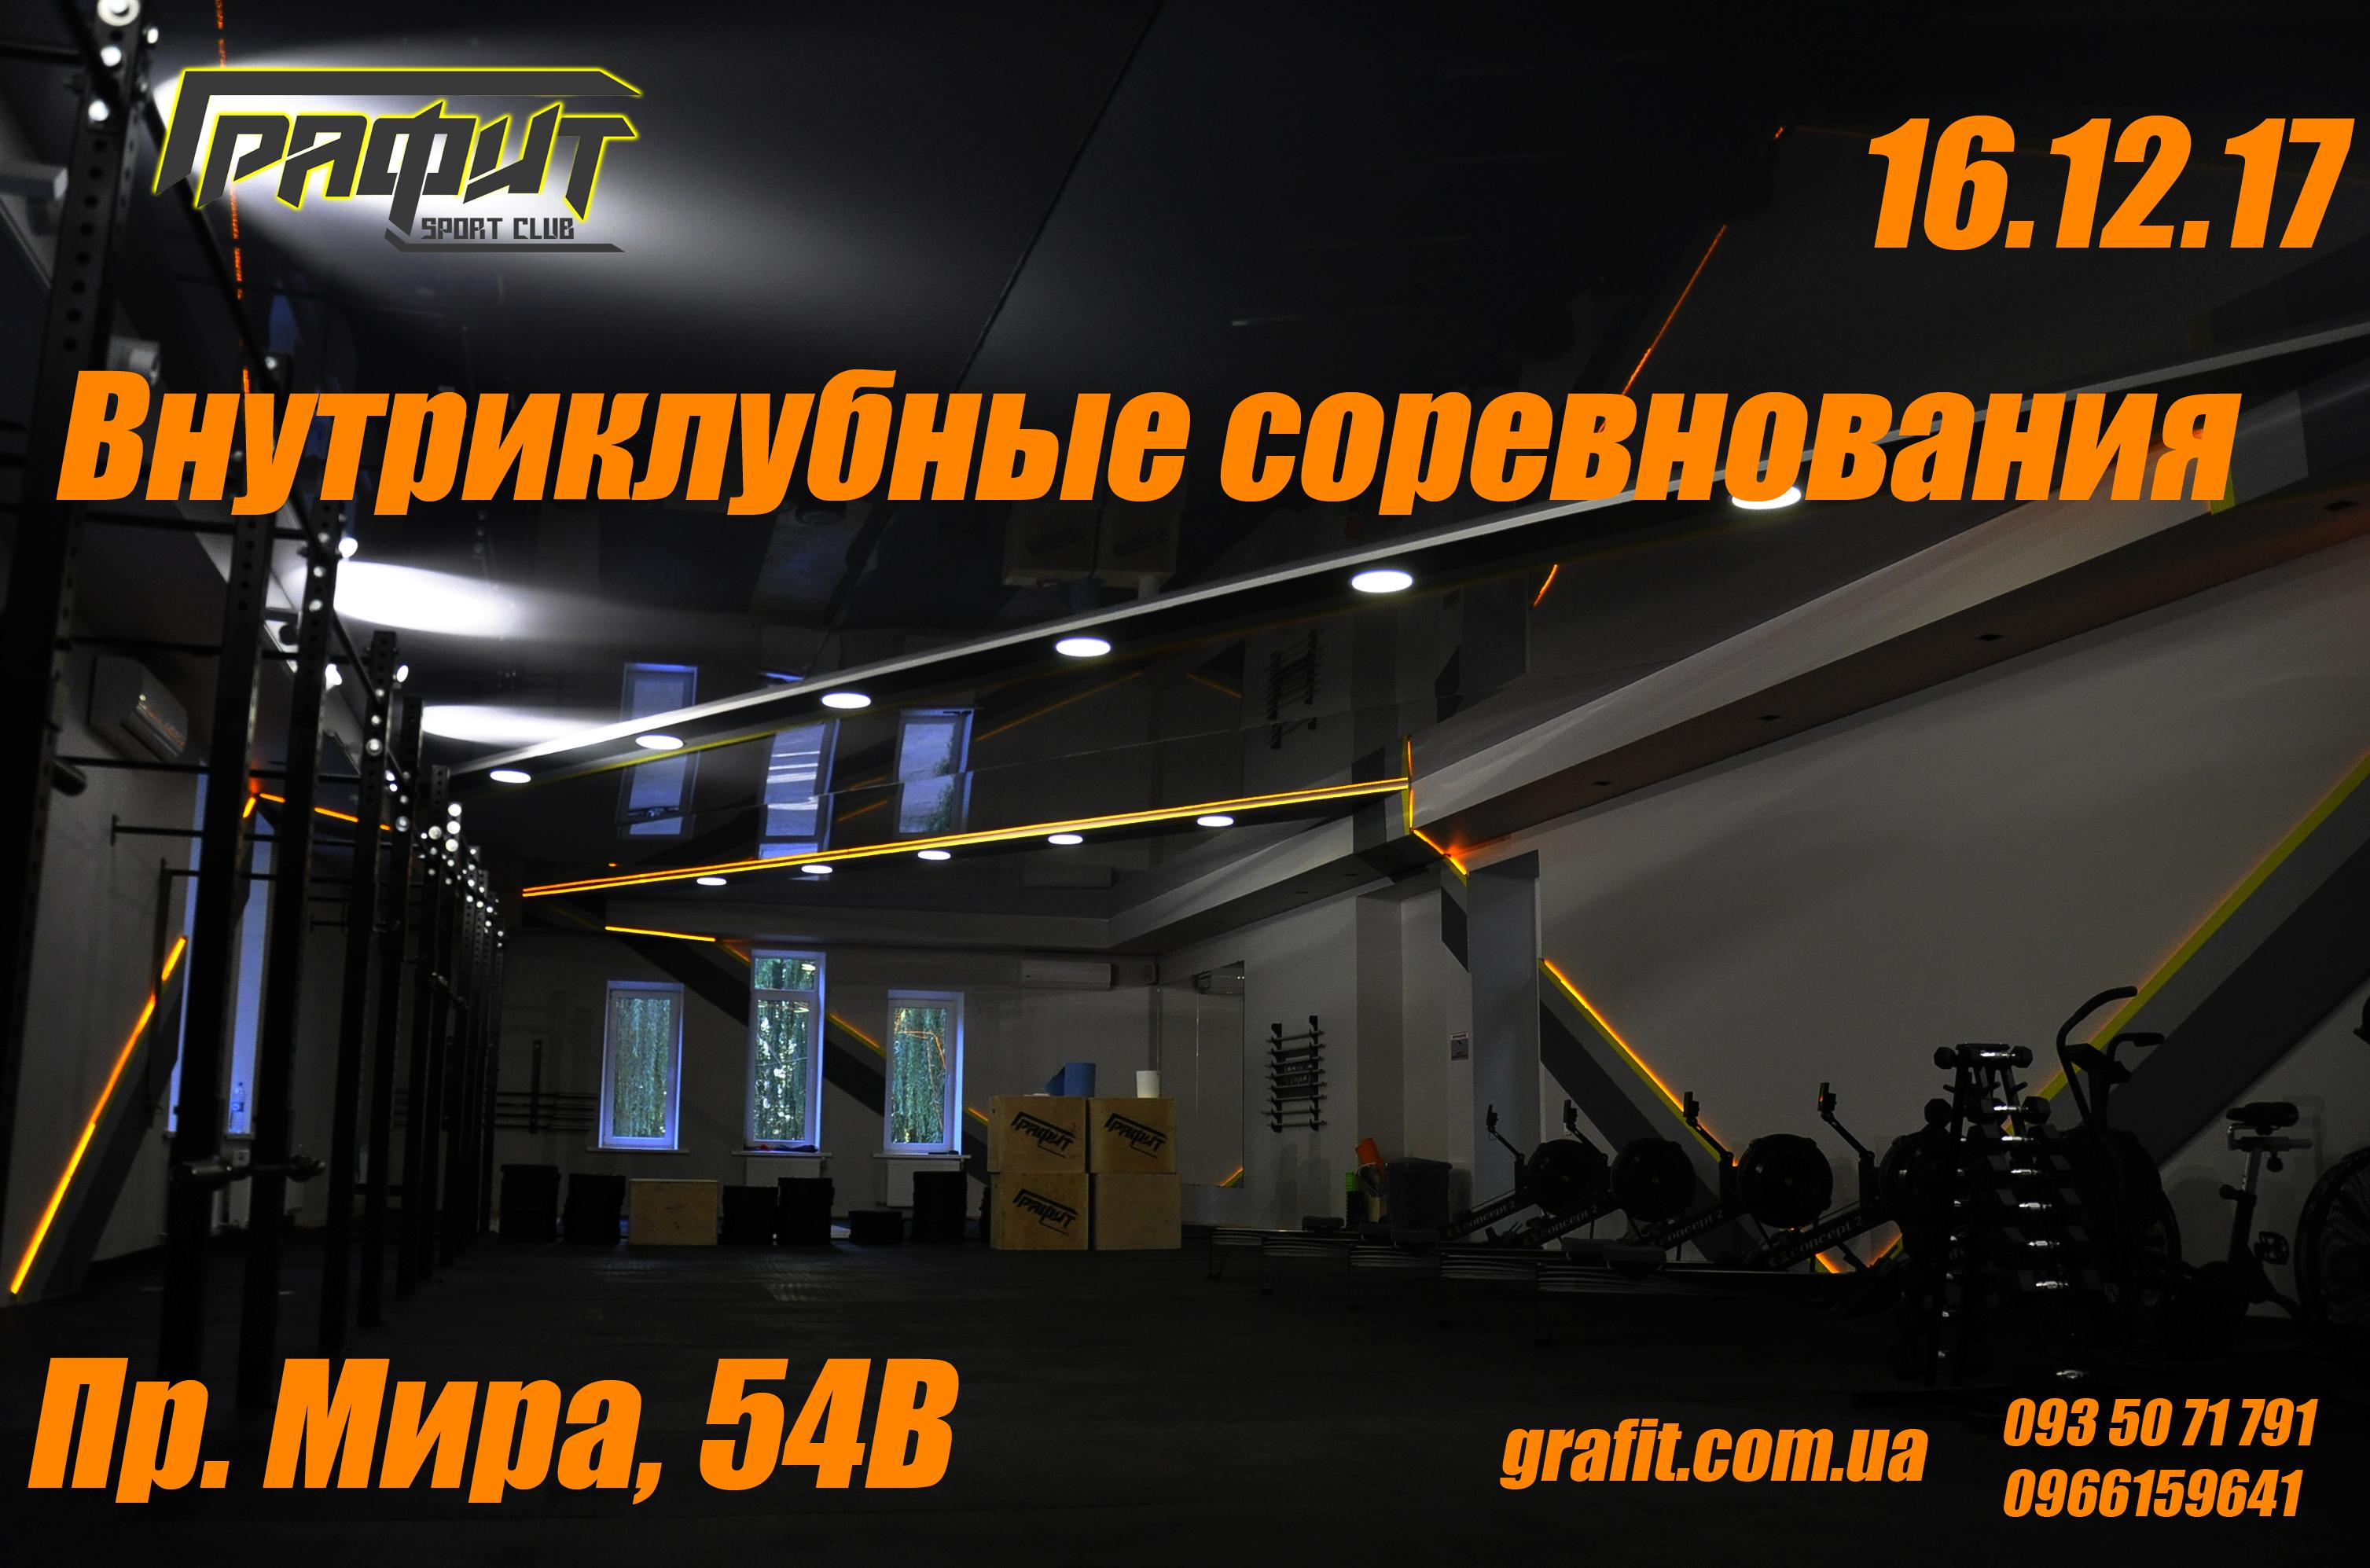 """16 декабря в СК """"Графит"""" состоятся внутриклубные соревнования"""